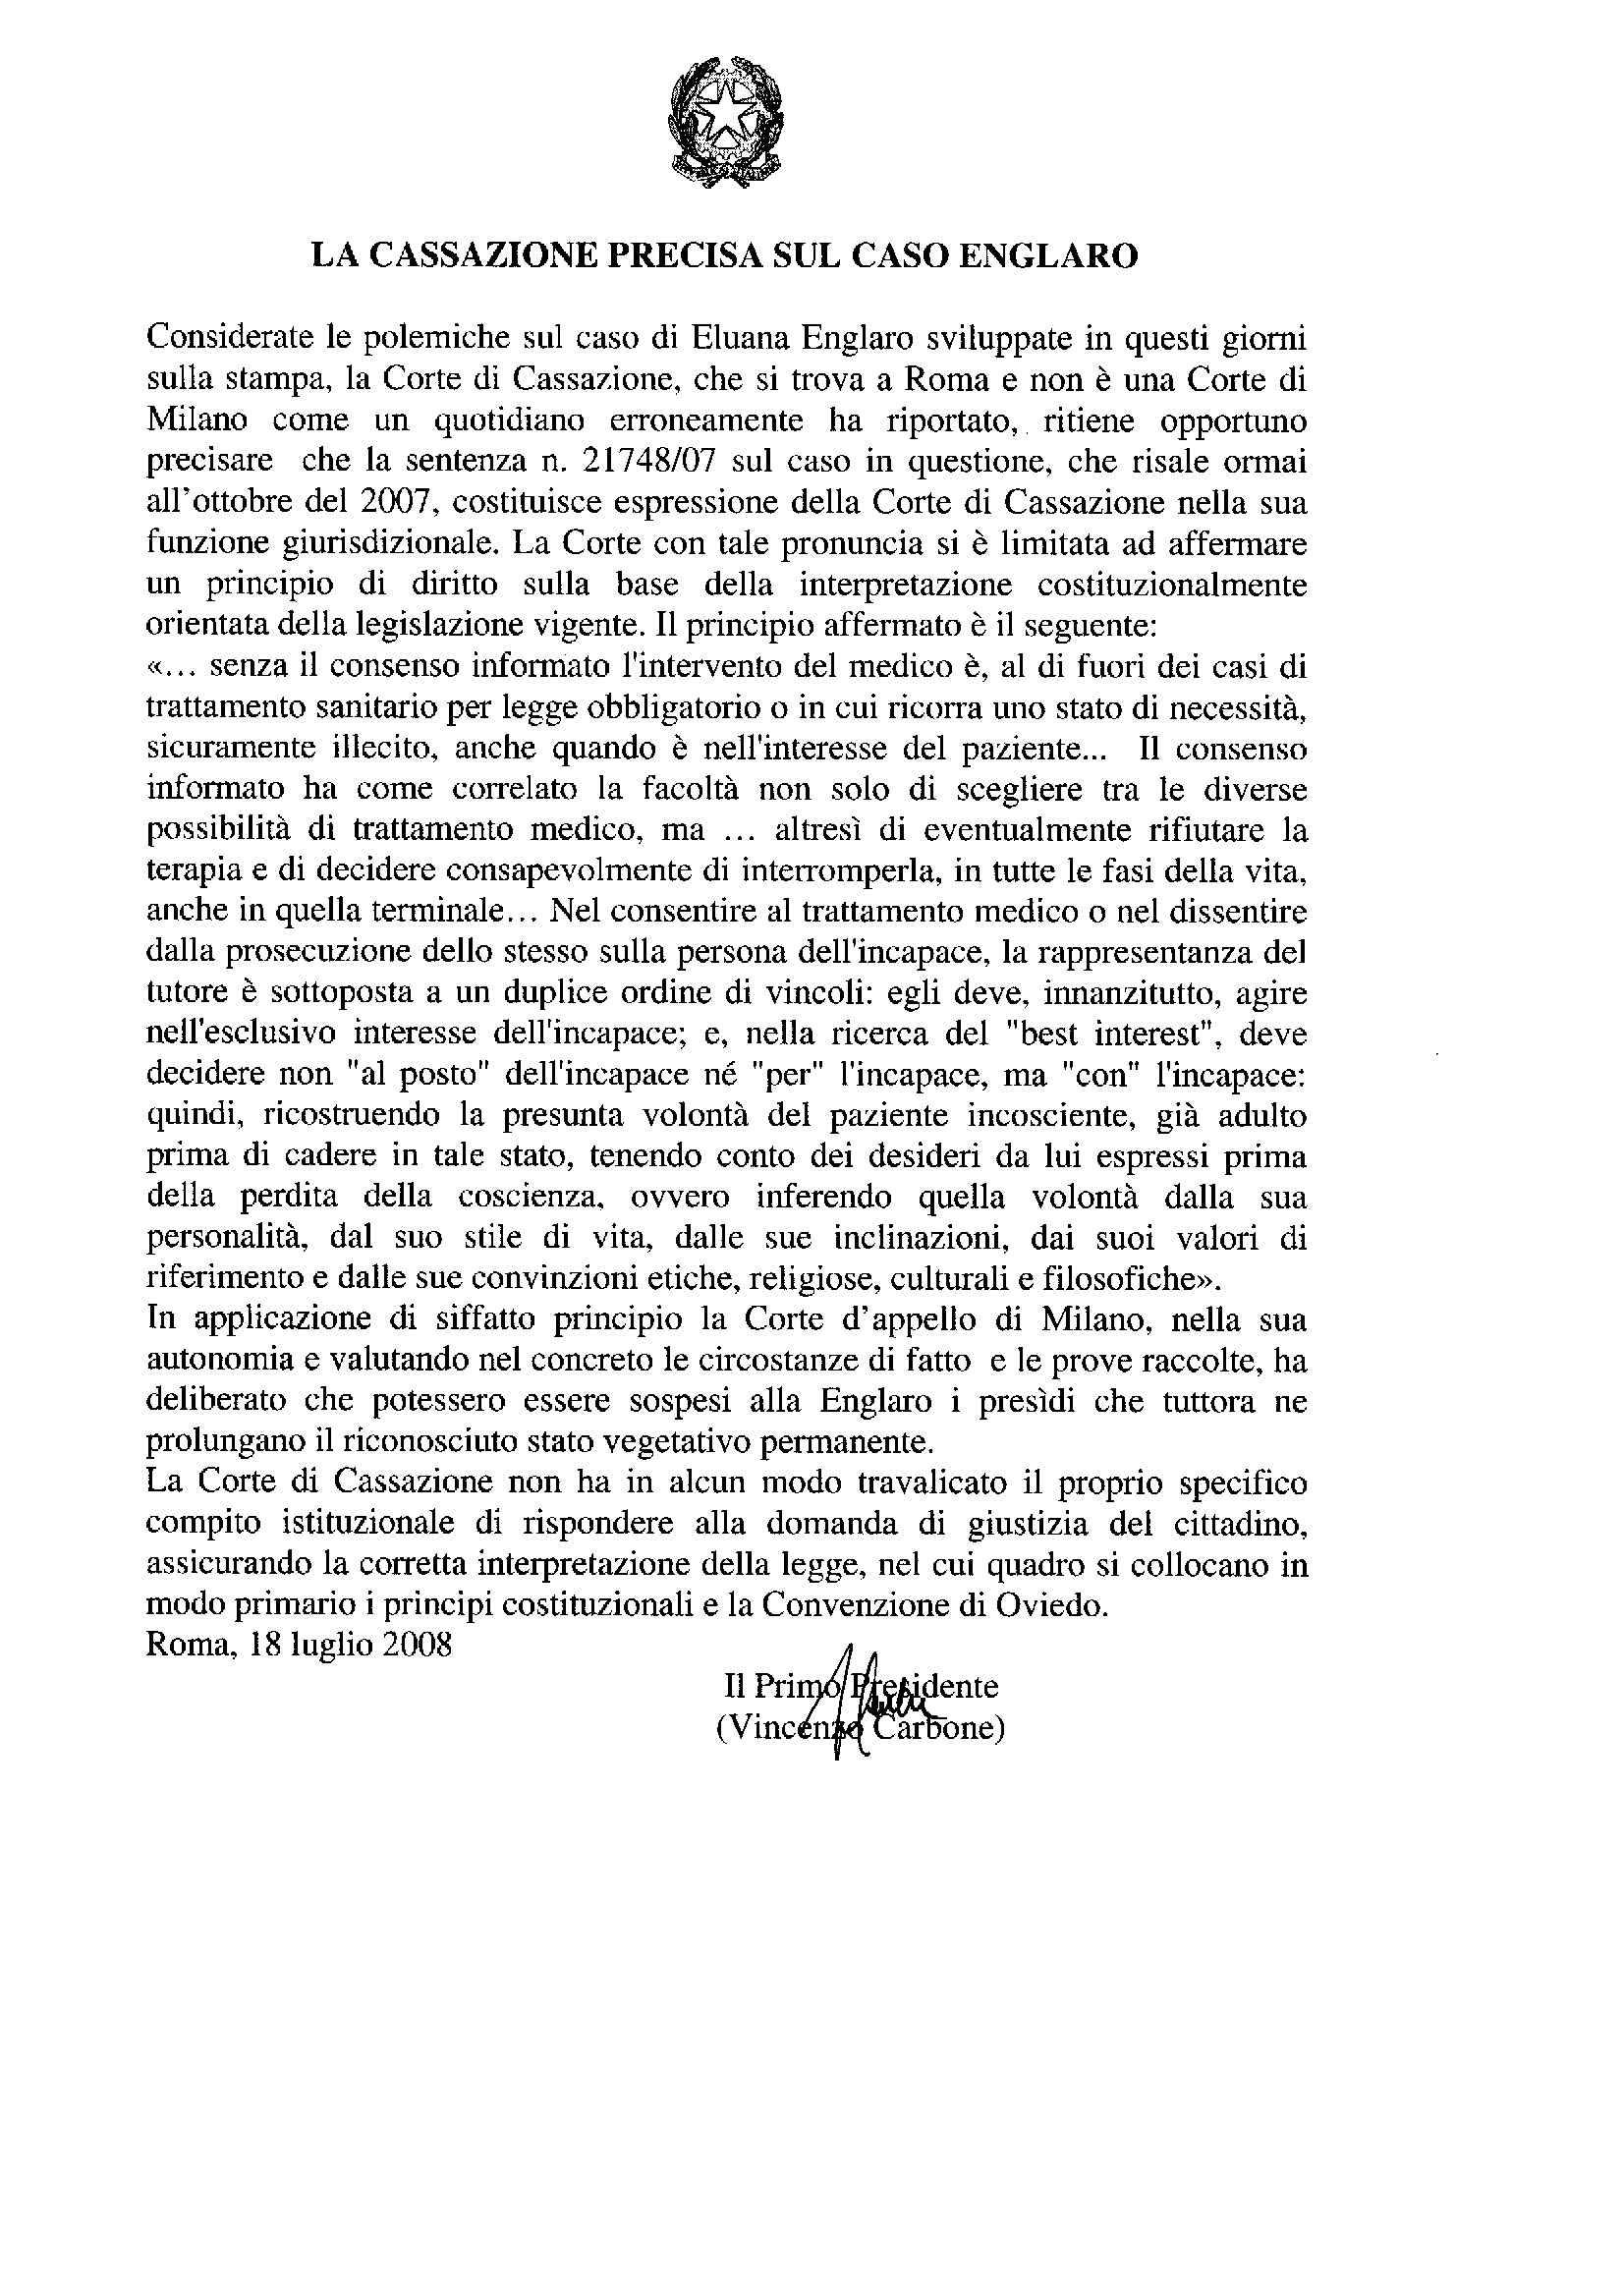 Caso Englaro - Comunicato Corte di Cassazione